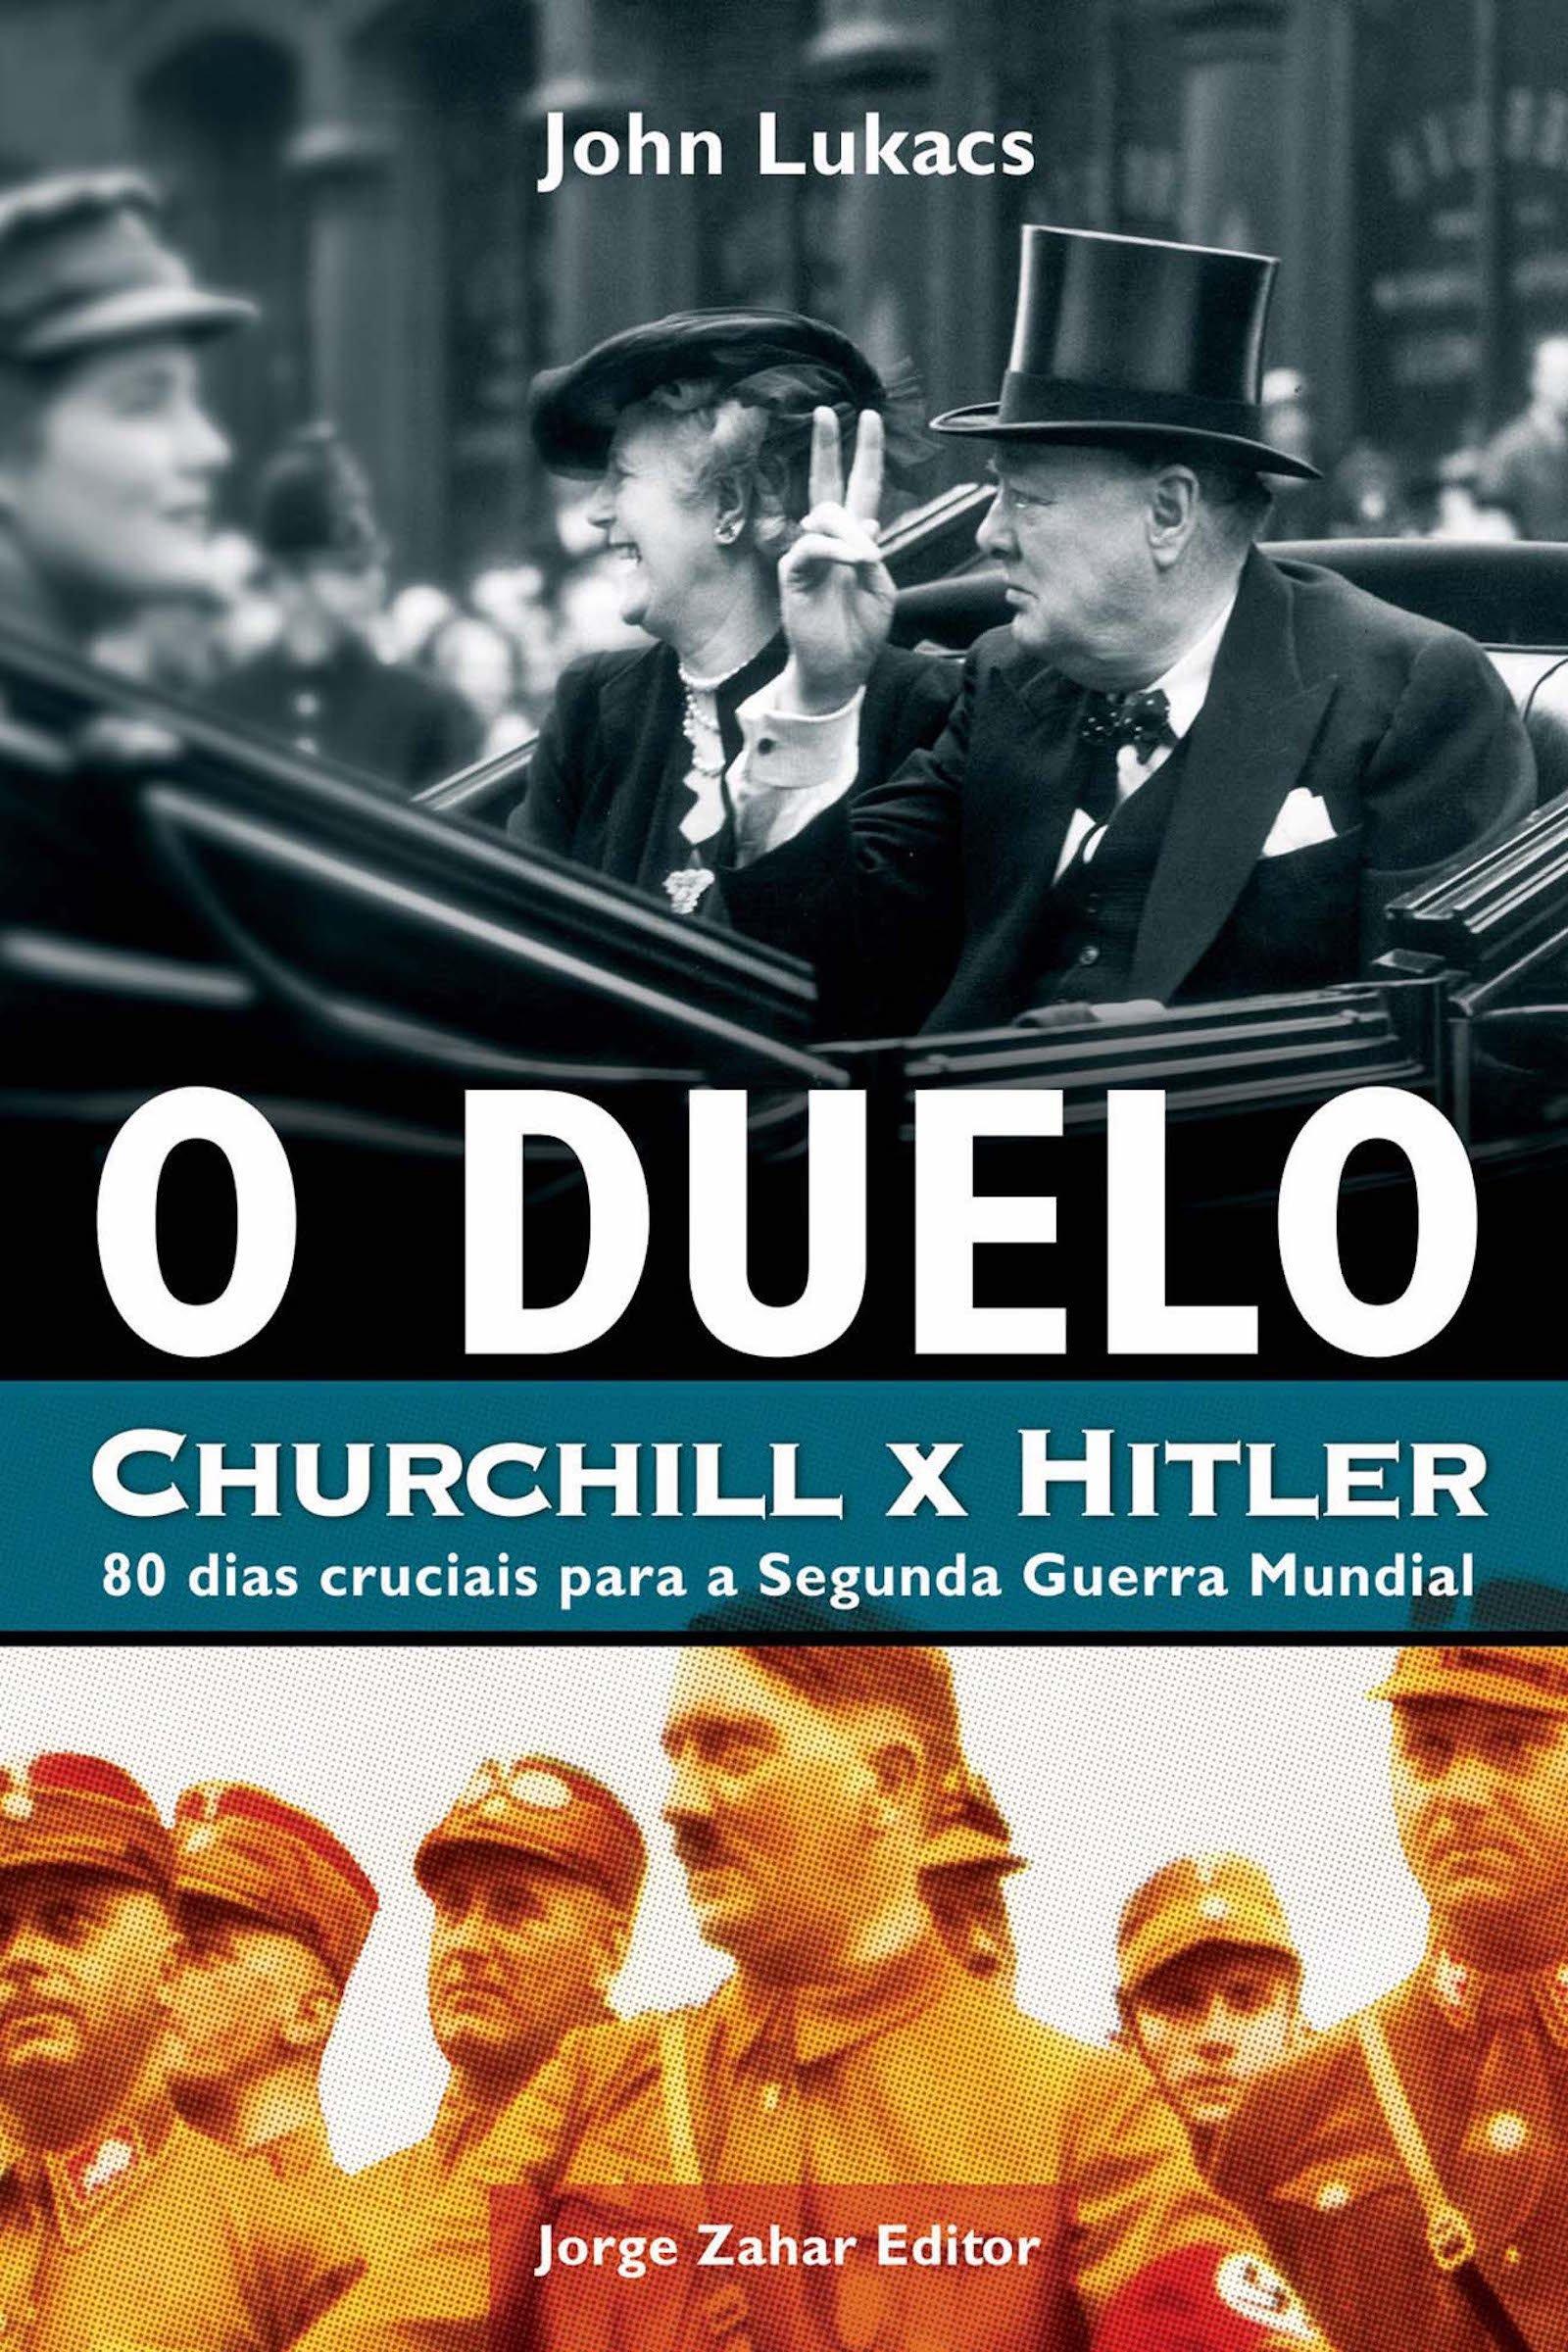 Duelo Churchill X Hitler: 80 Dias Cruciais para a Segunda Guerra Mundial, O